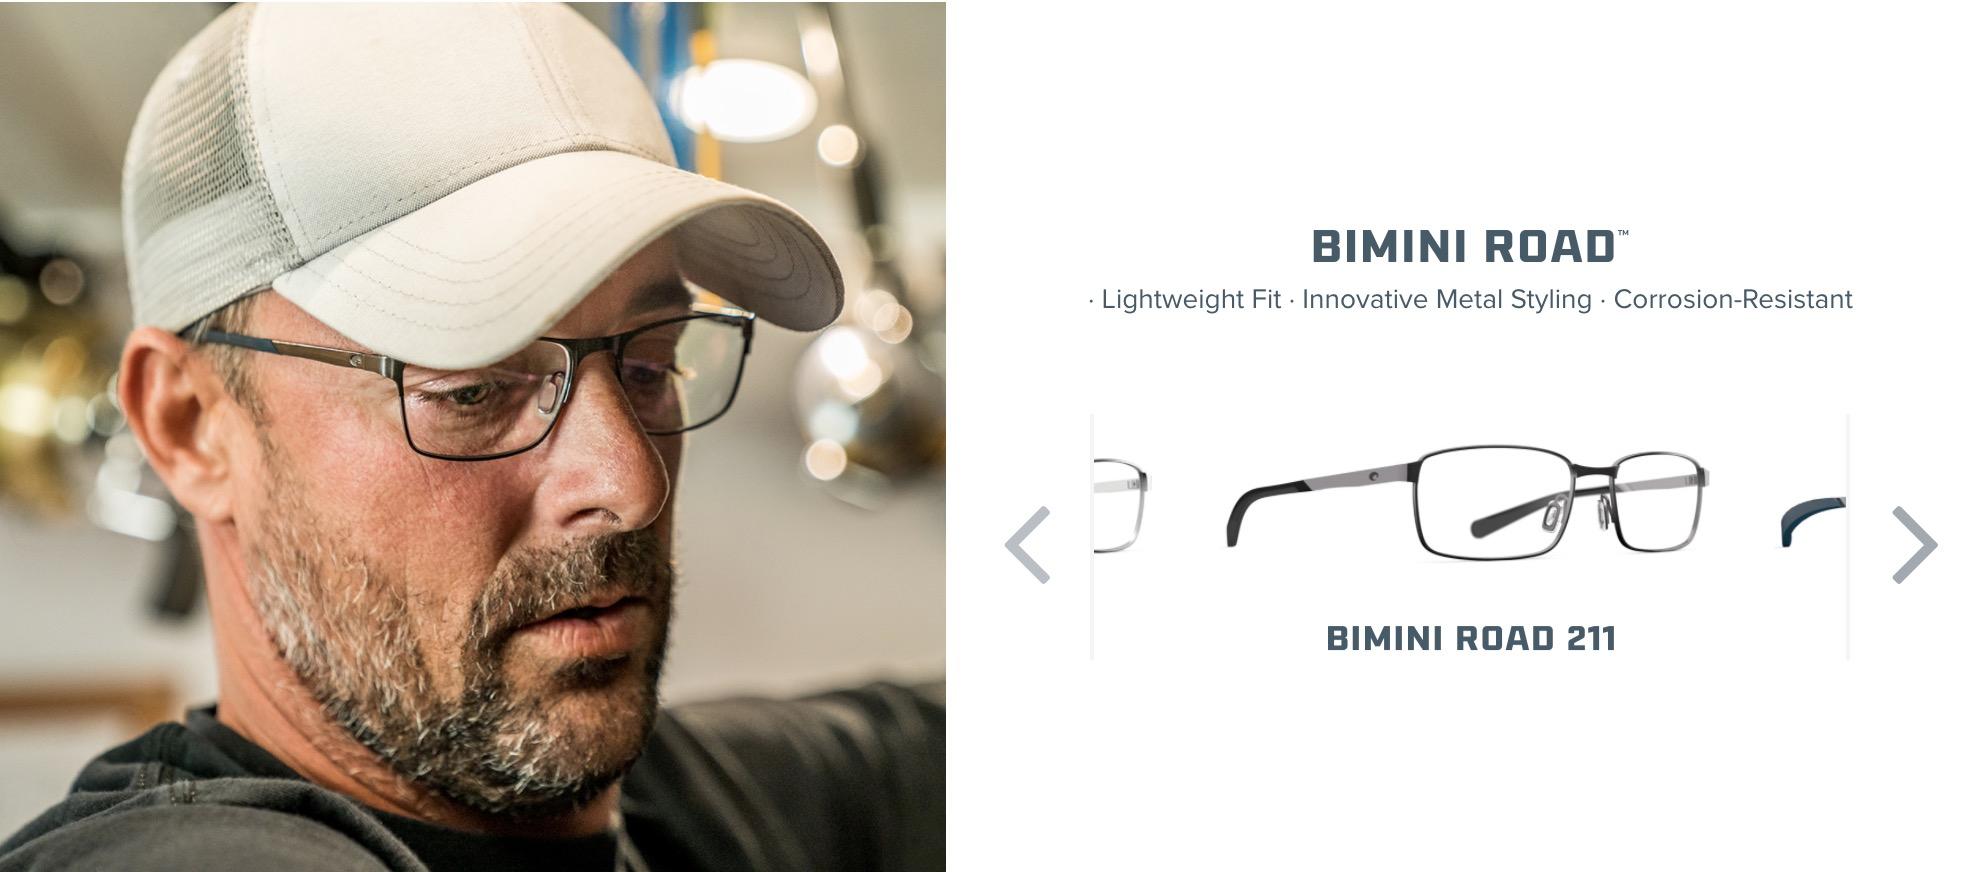 Costa Bimini Road Glasses